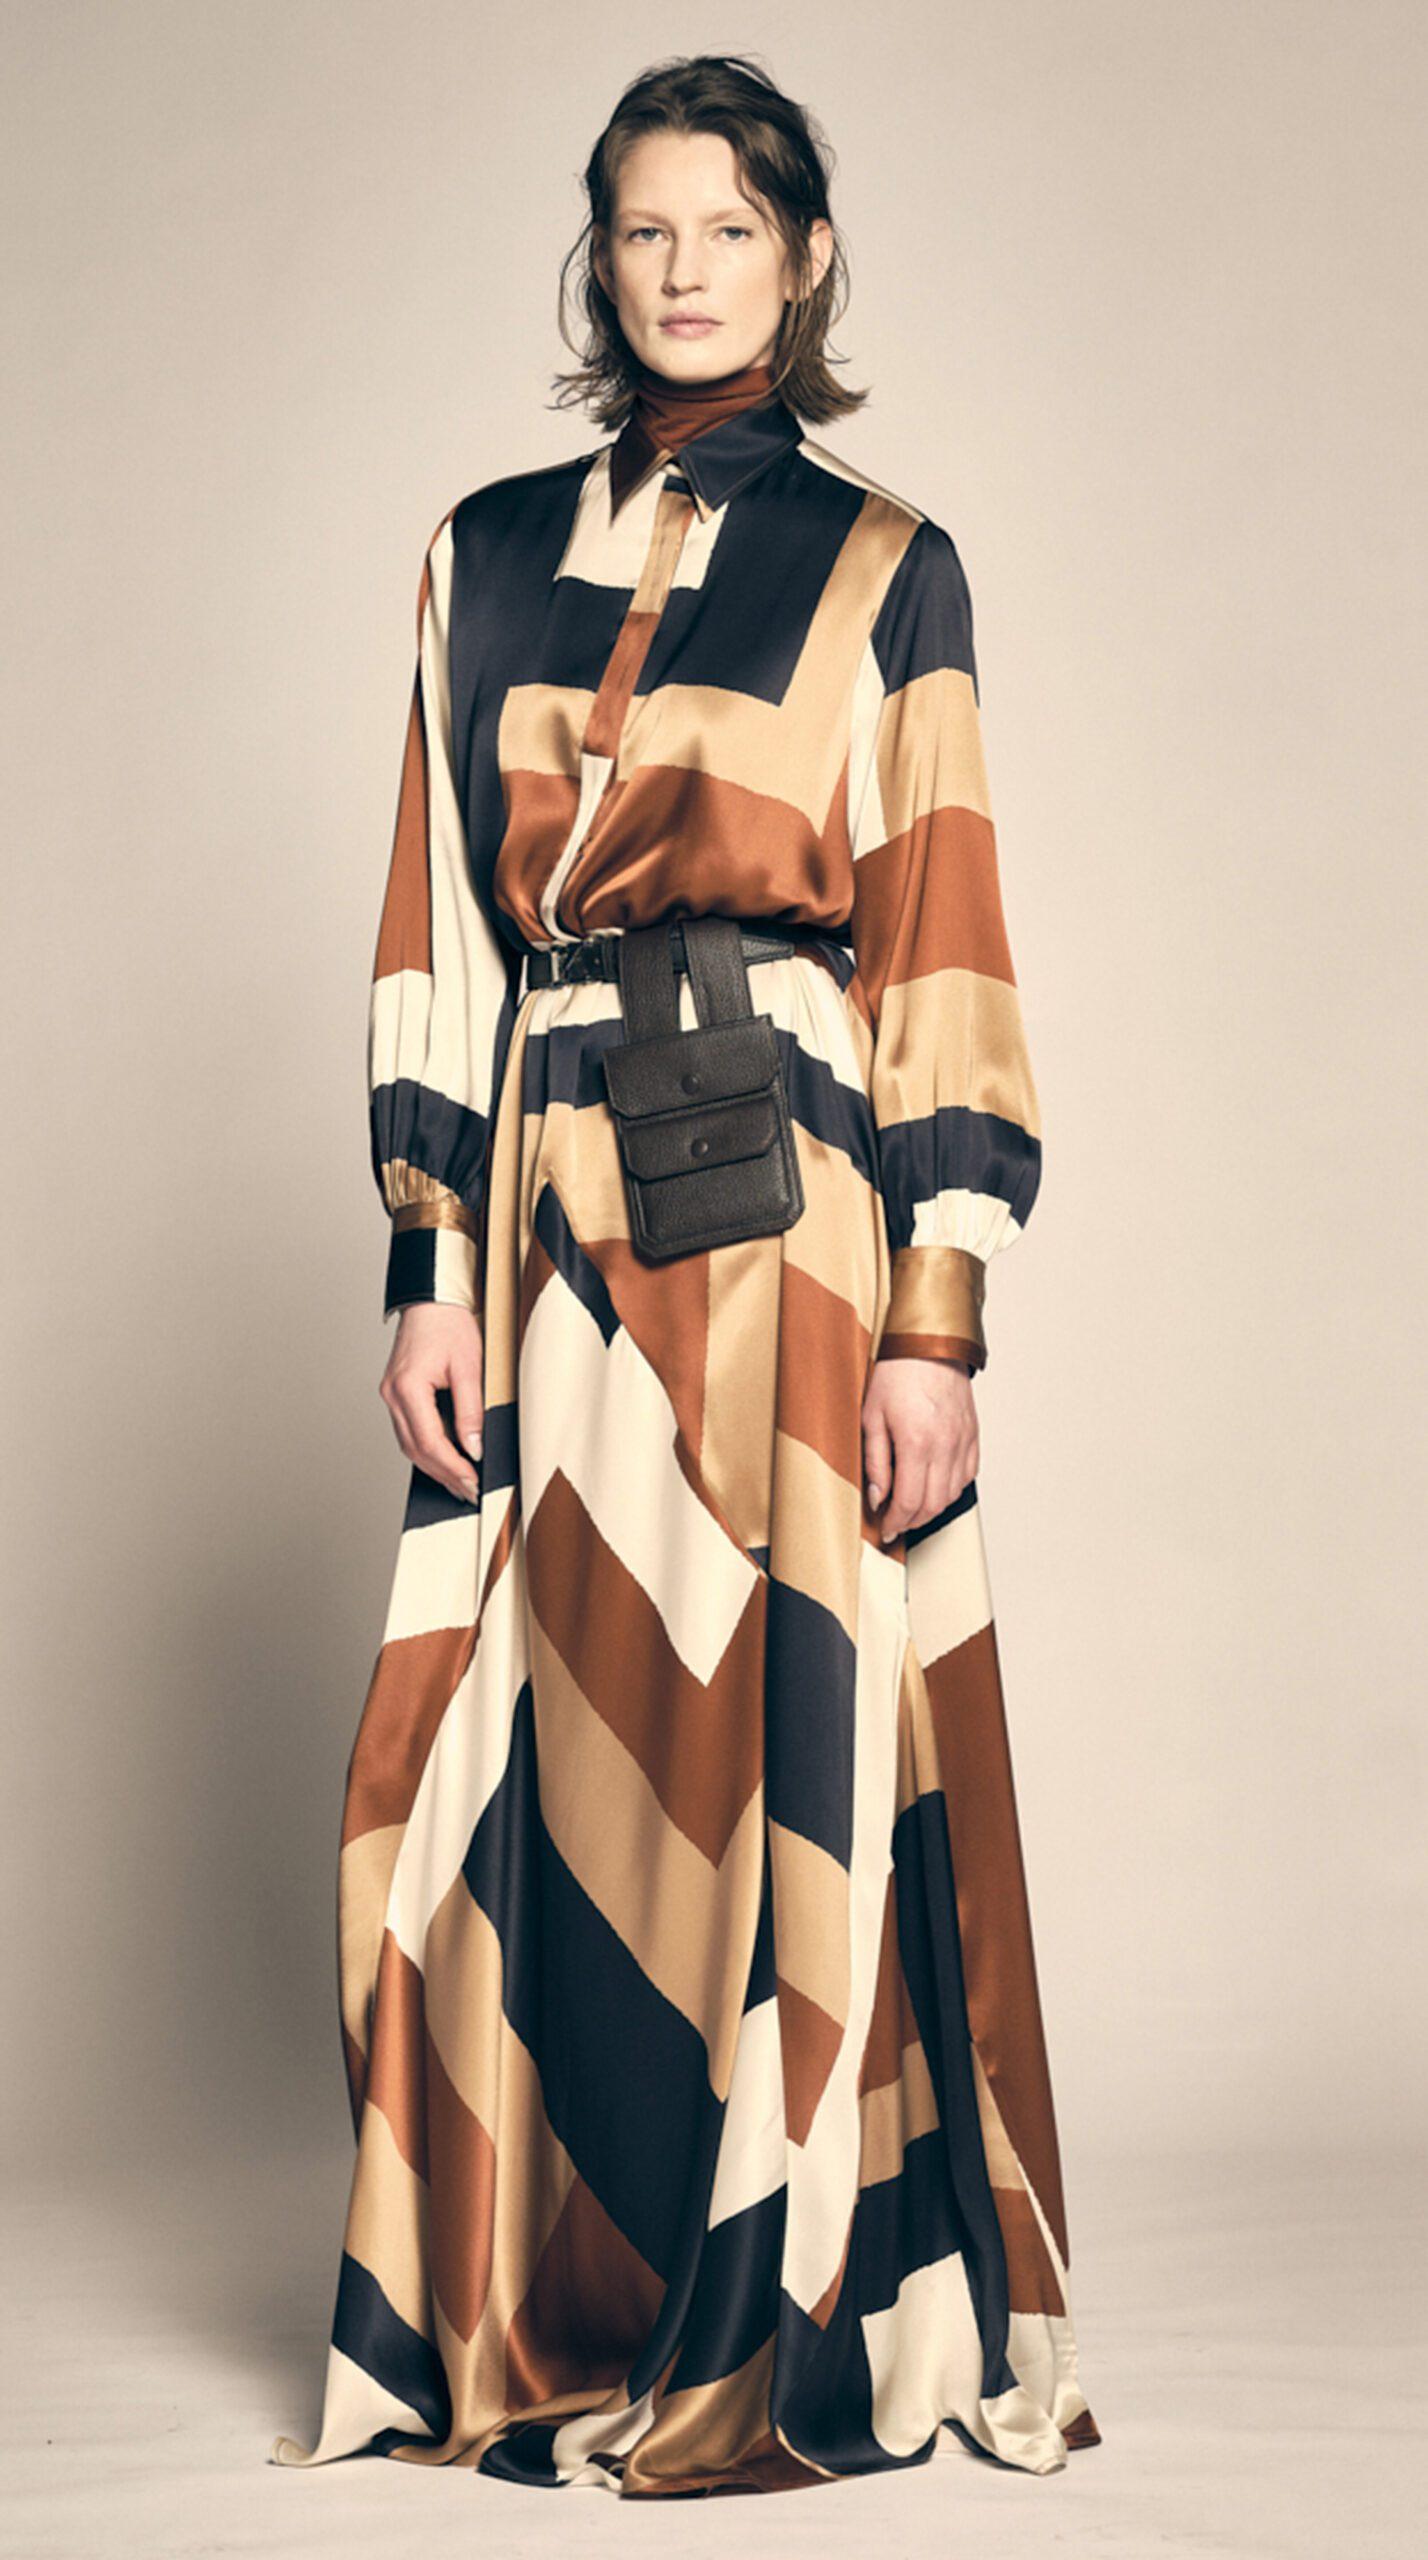 Fashion Now: Aυτά είναι τα 5 must-have αξεσουάρ του φθινοπώρου